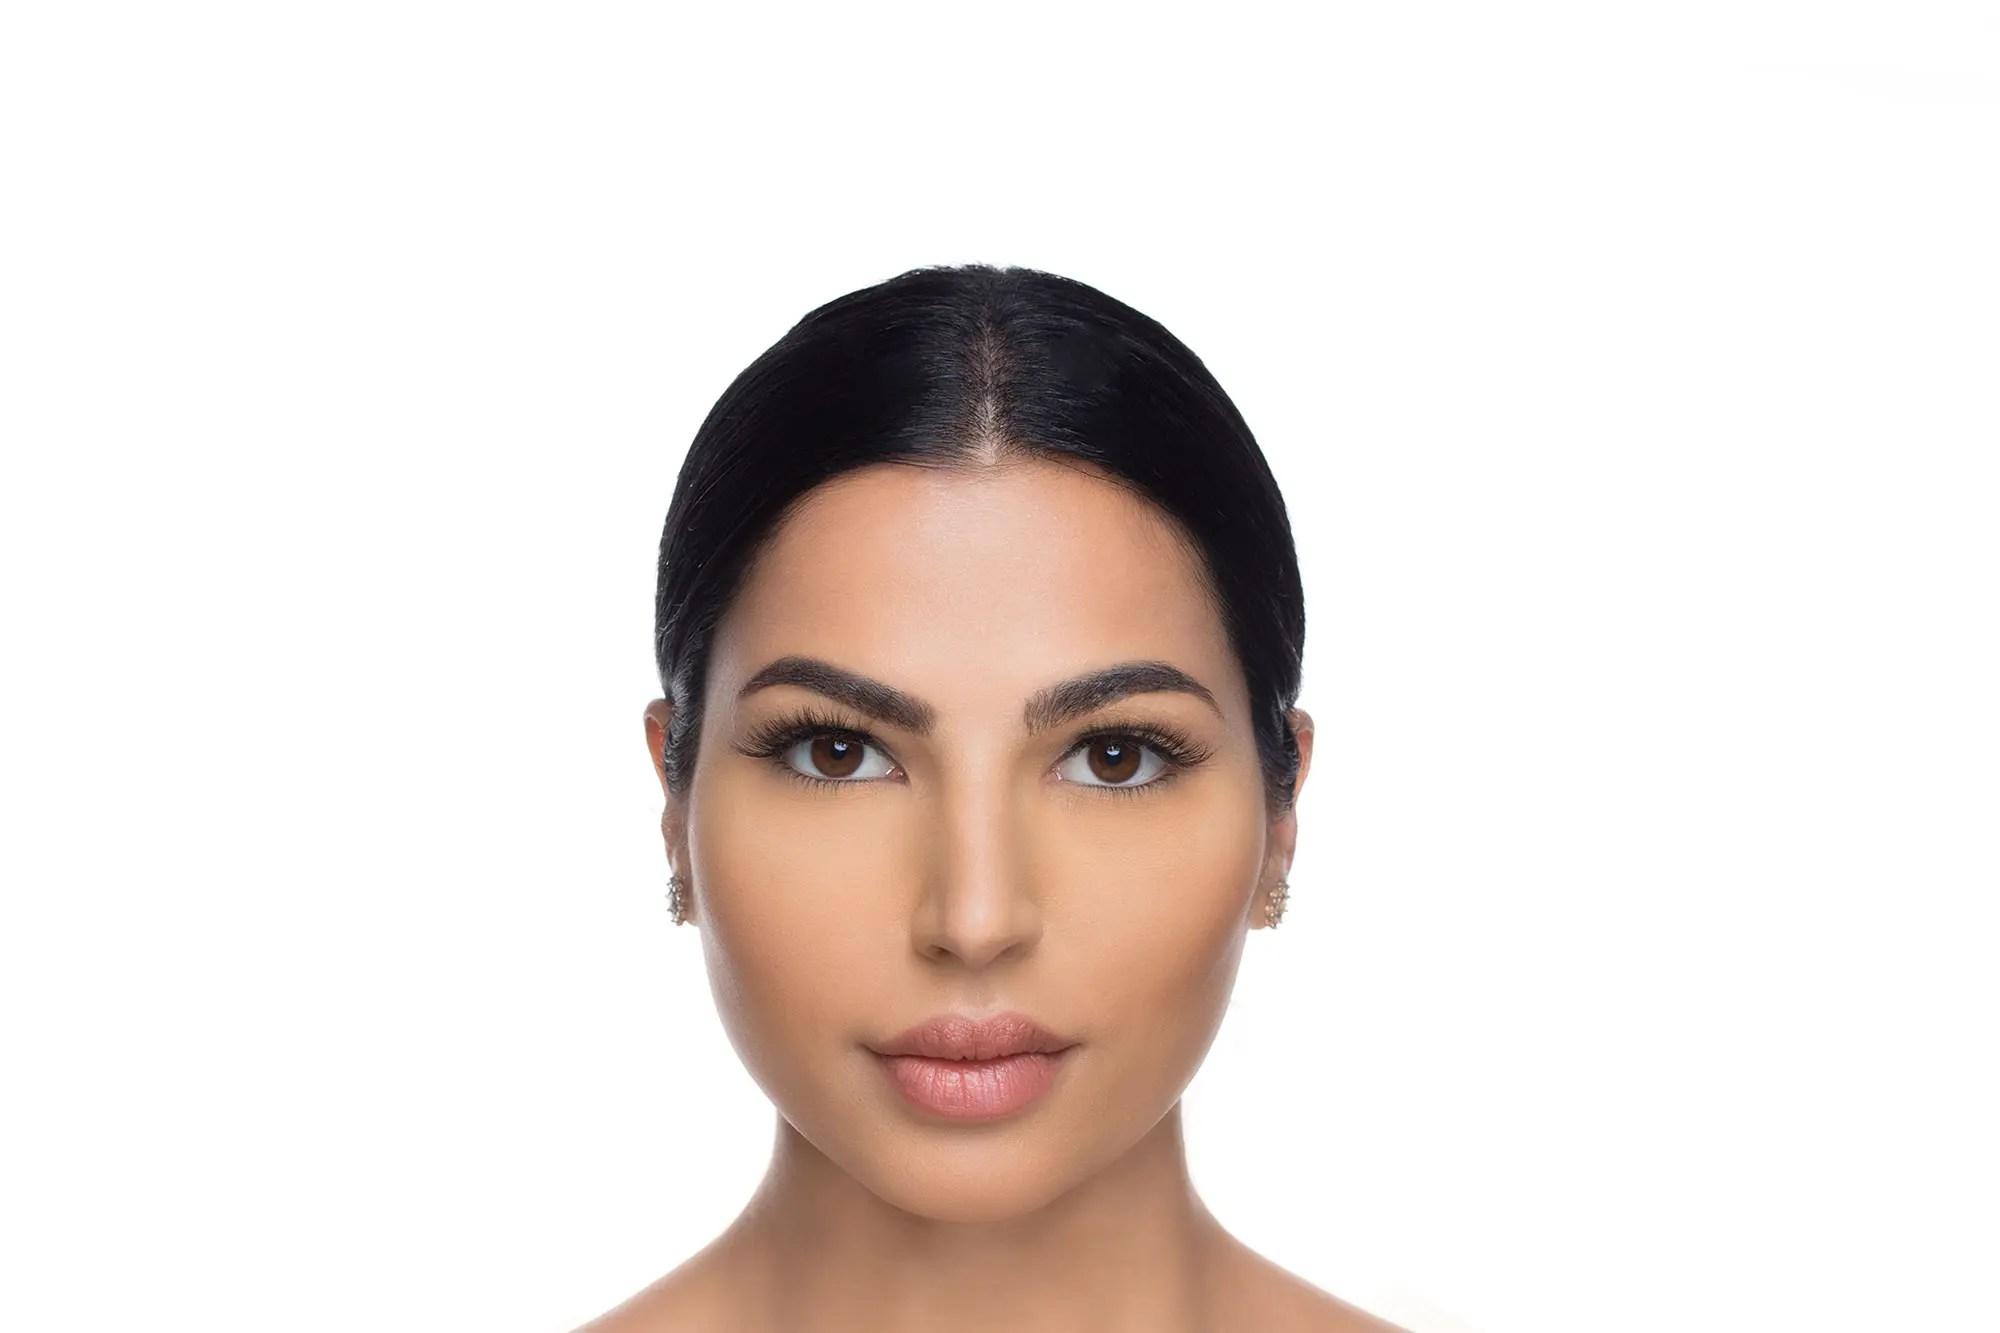 Anya Mink Lashes, close up of ladies face wearing false eyelashes